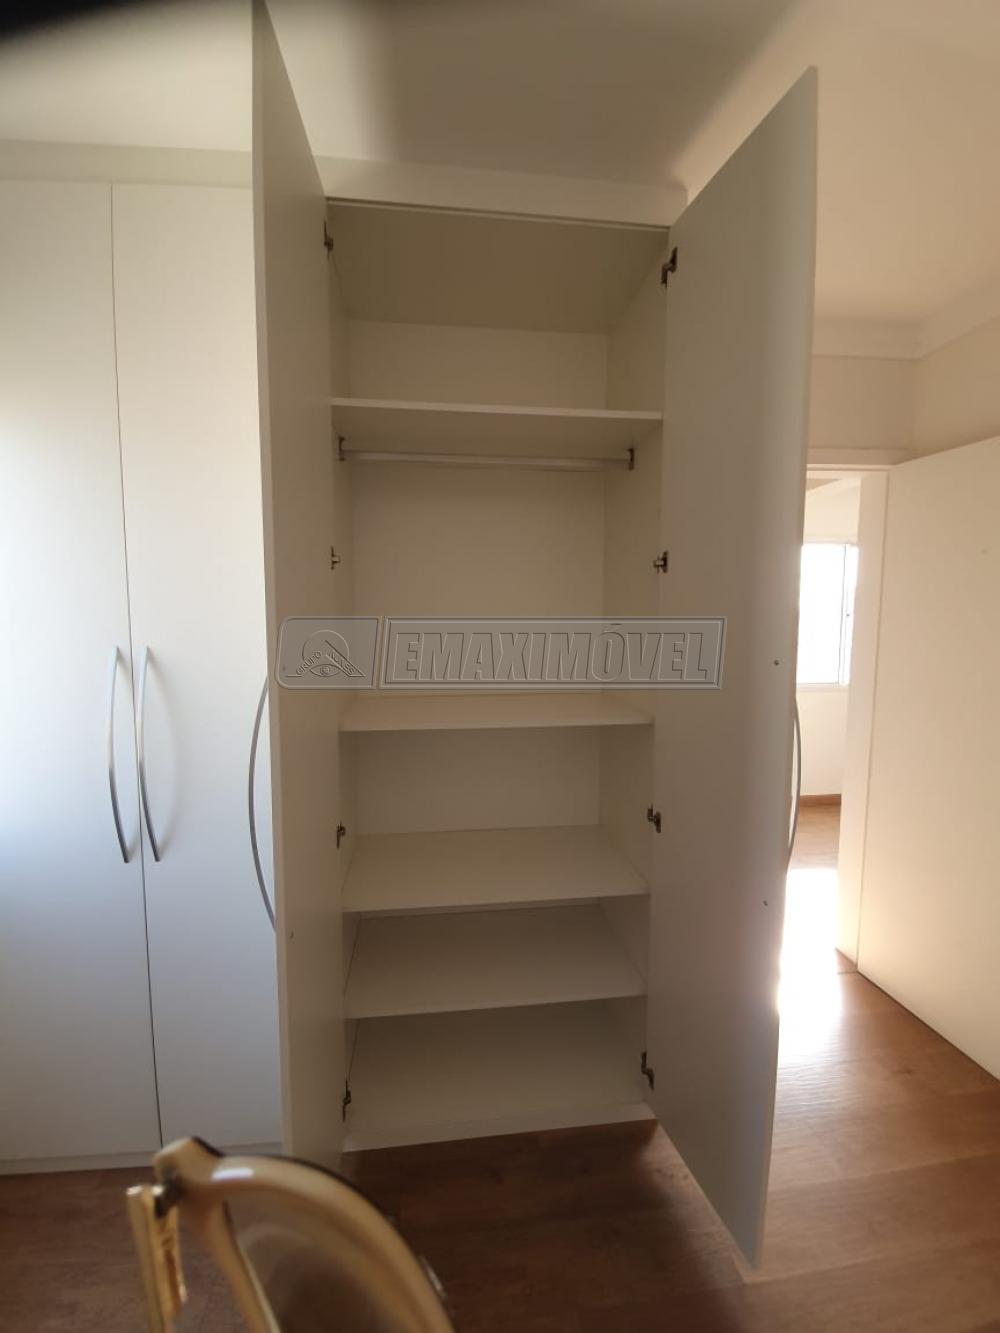 Comprar Apartamentos / Apto Padrão em Sorocaba apenas R$ 162.000,00 - Foto 12